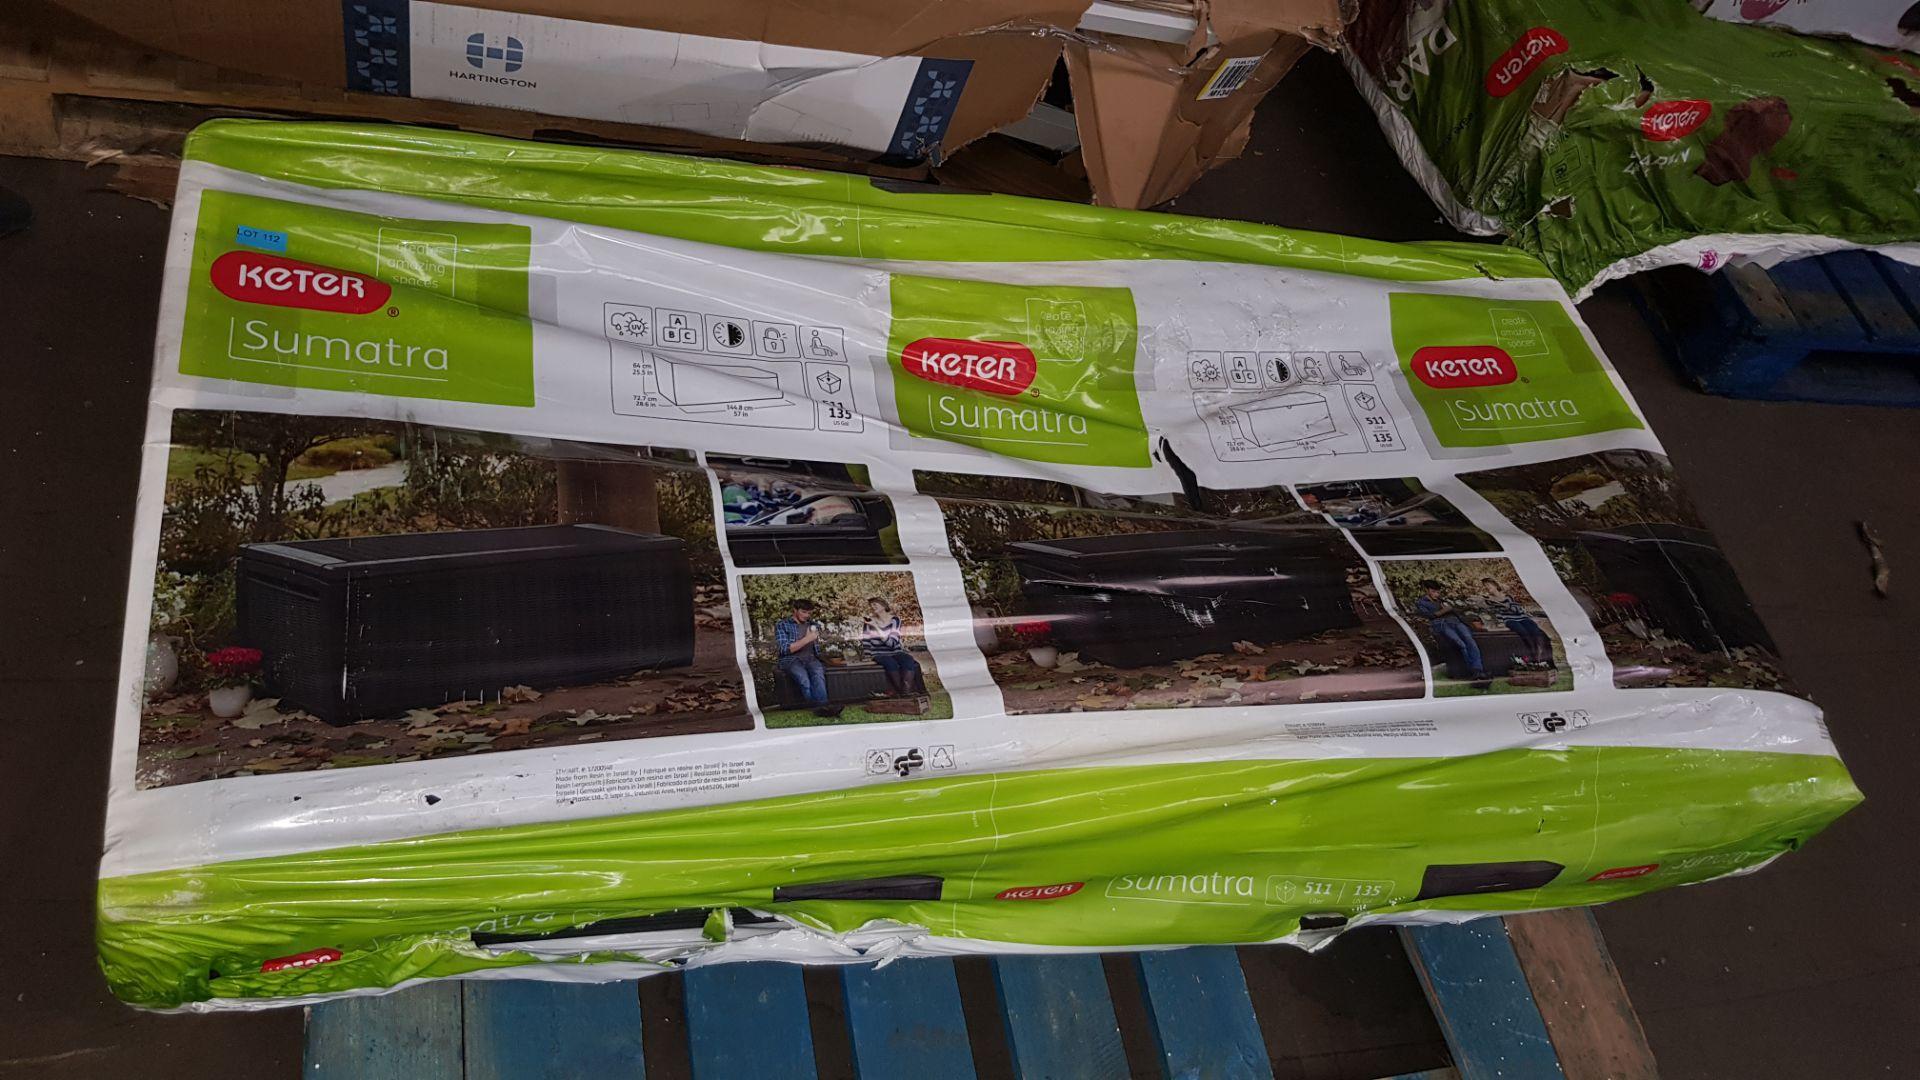 (P4) 1x Keter Sumatra 511L. RRP £149.95. - Image 3 of 3